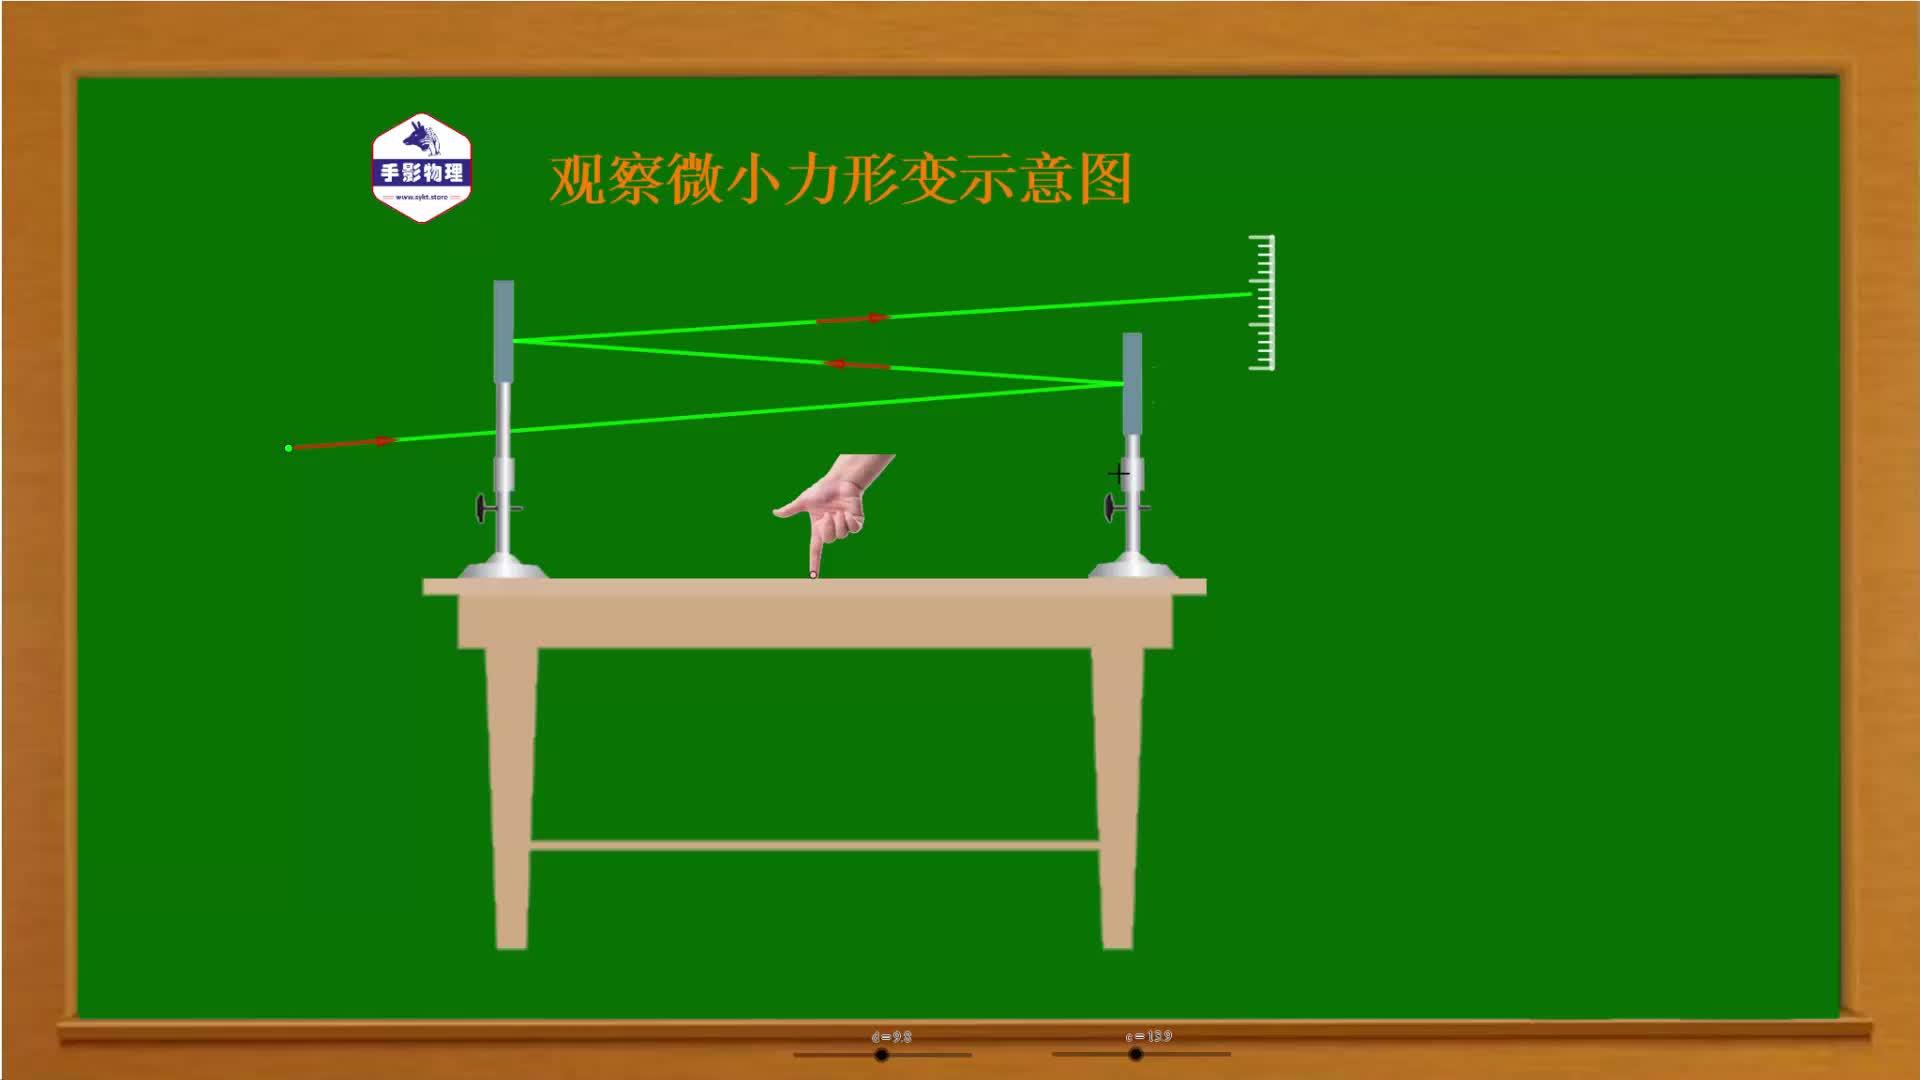 3.1重力与弹力—观察微小力形变示意图(课件视频资源)-【手影物理】2021版高中物理必修第一册(人教版)